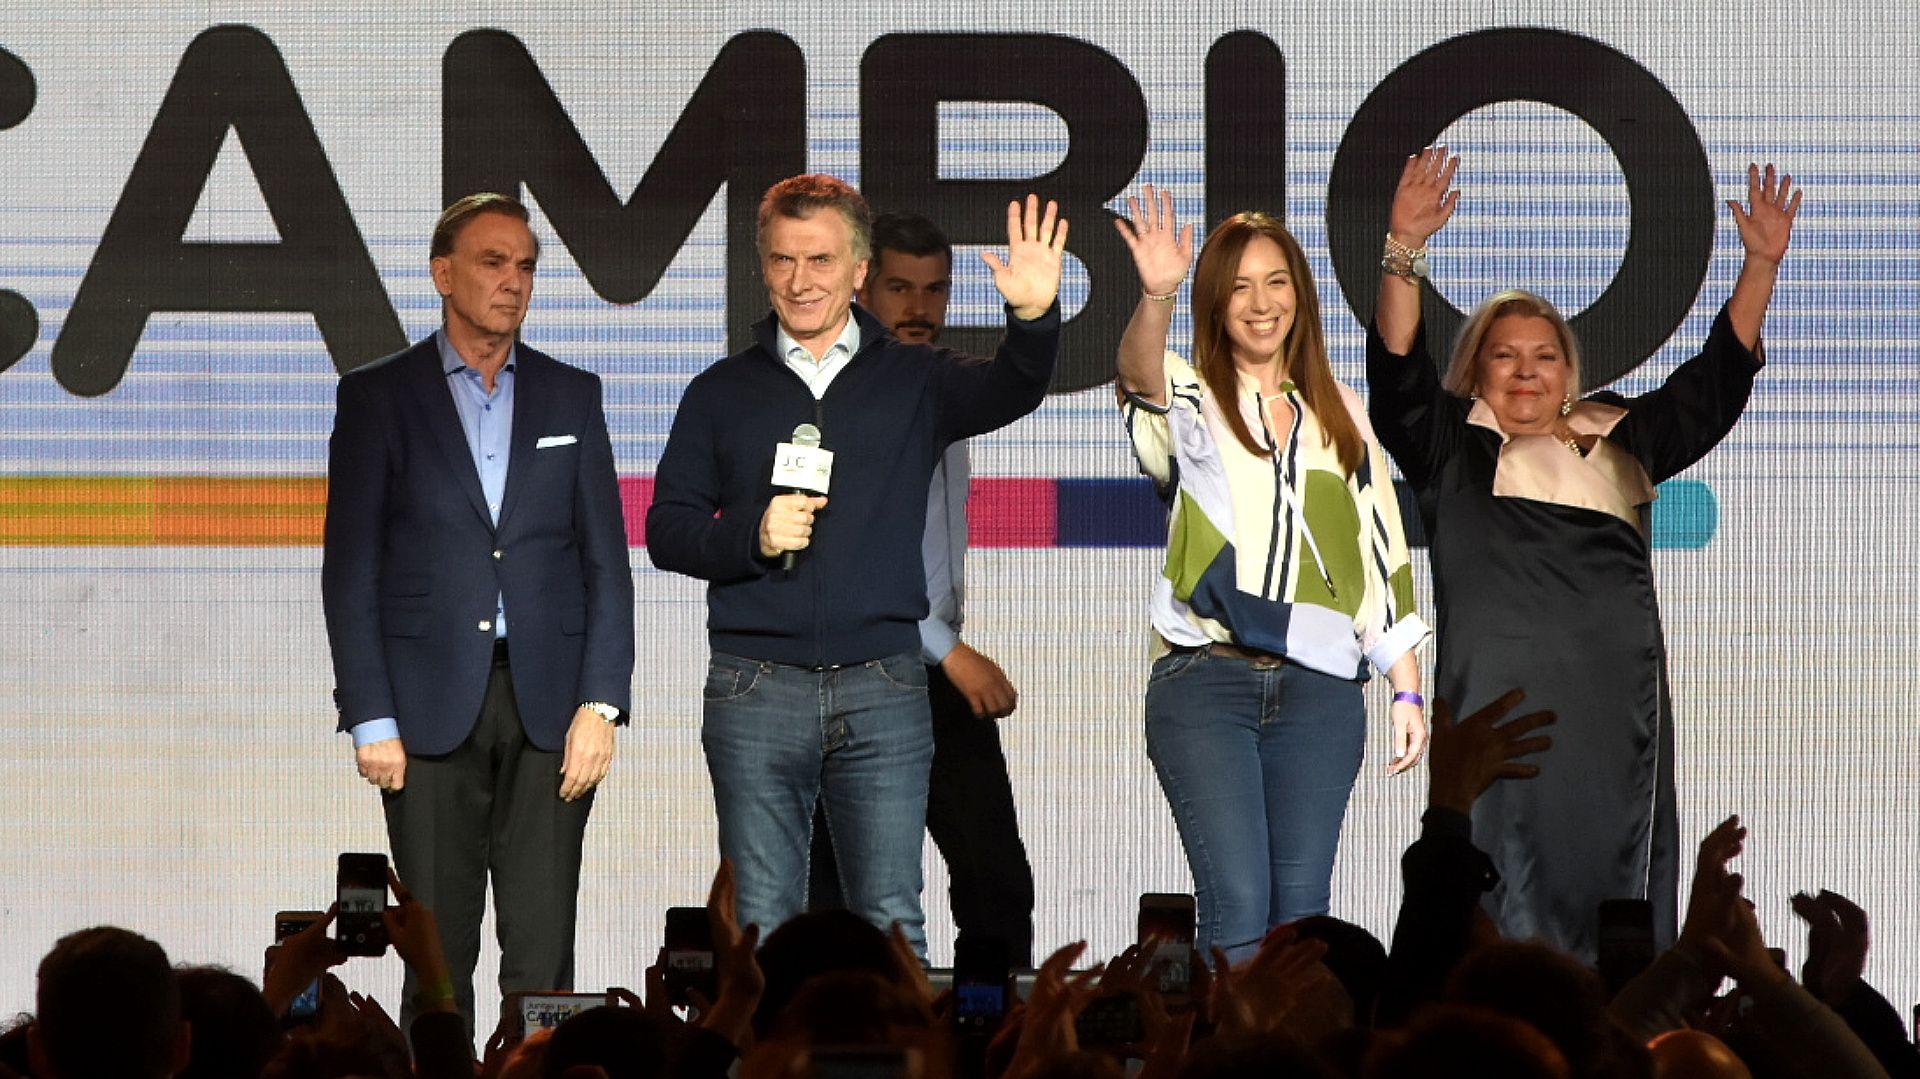 Mauricio Macri, Miguel Ángel Pichetto, María Eugenia Vidal y Elisa Carrió, el domingo (N. Stulberg)